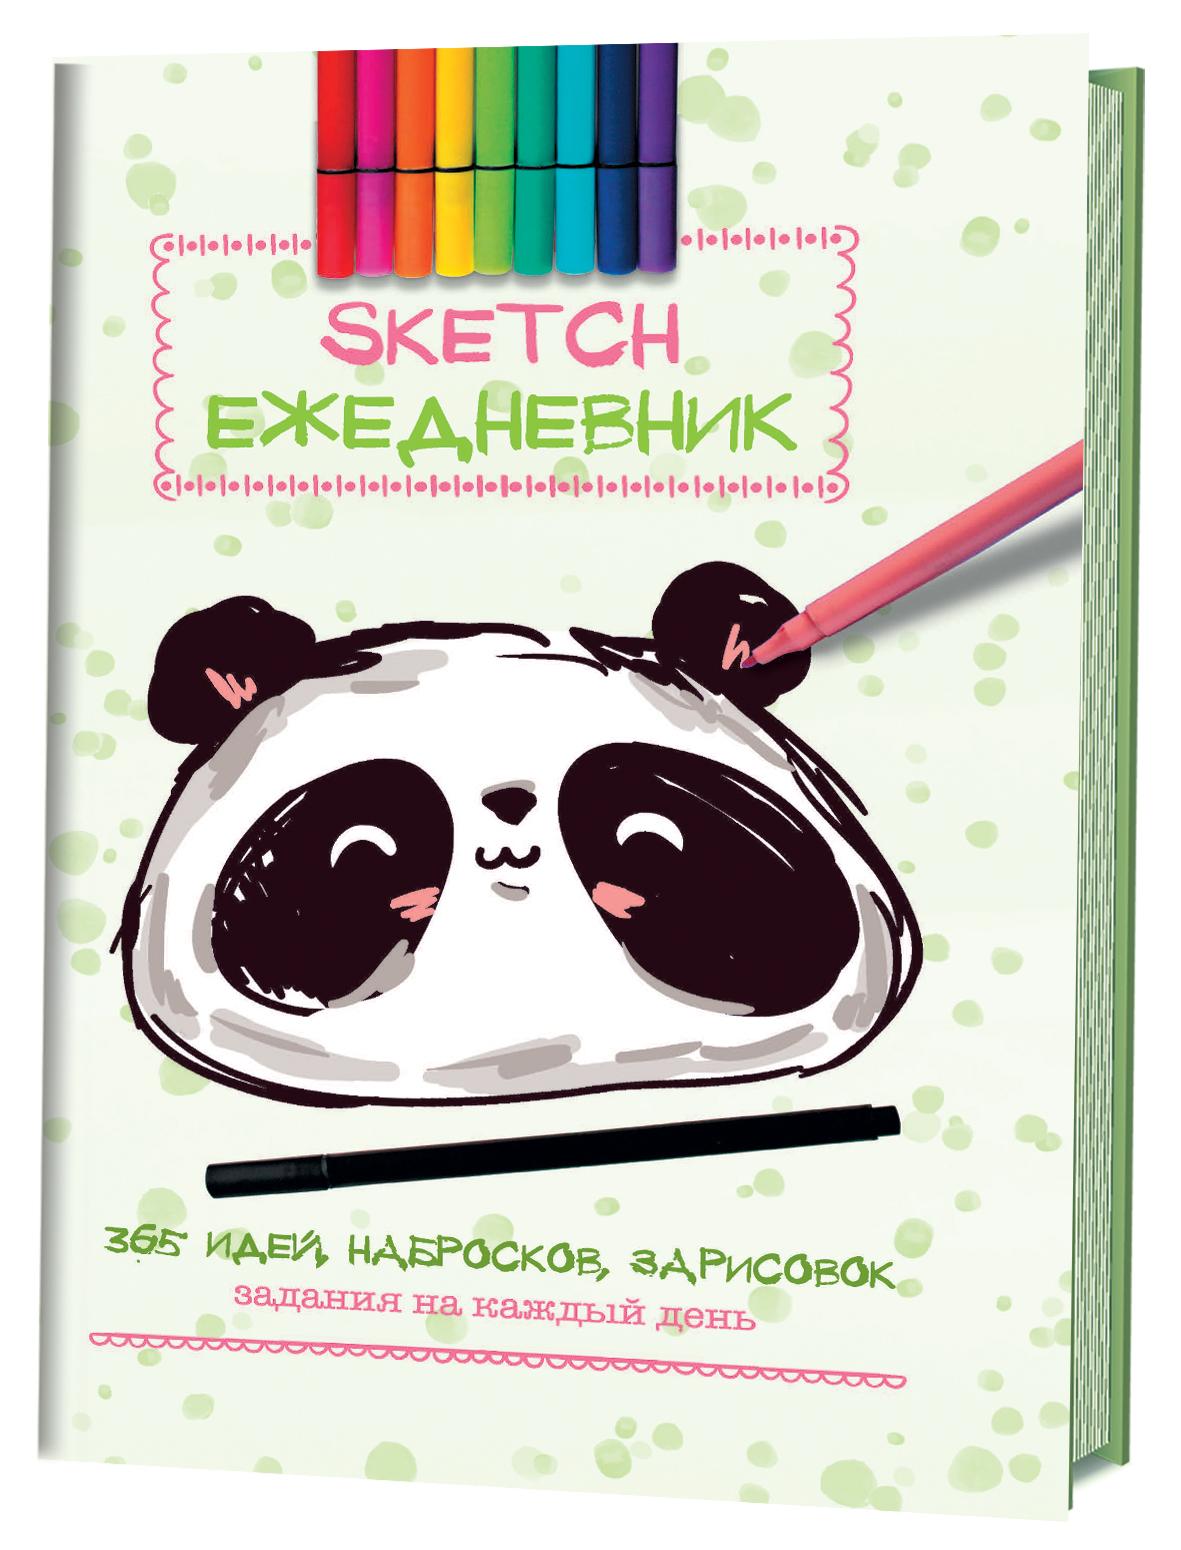 Анастасия Потапова Sketch-ежедневник. 365 идей, набросков, зарисовок. Задания на каждый день желай делай ежедневник